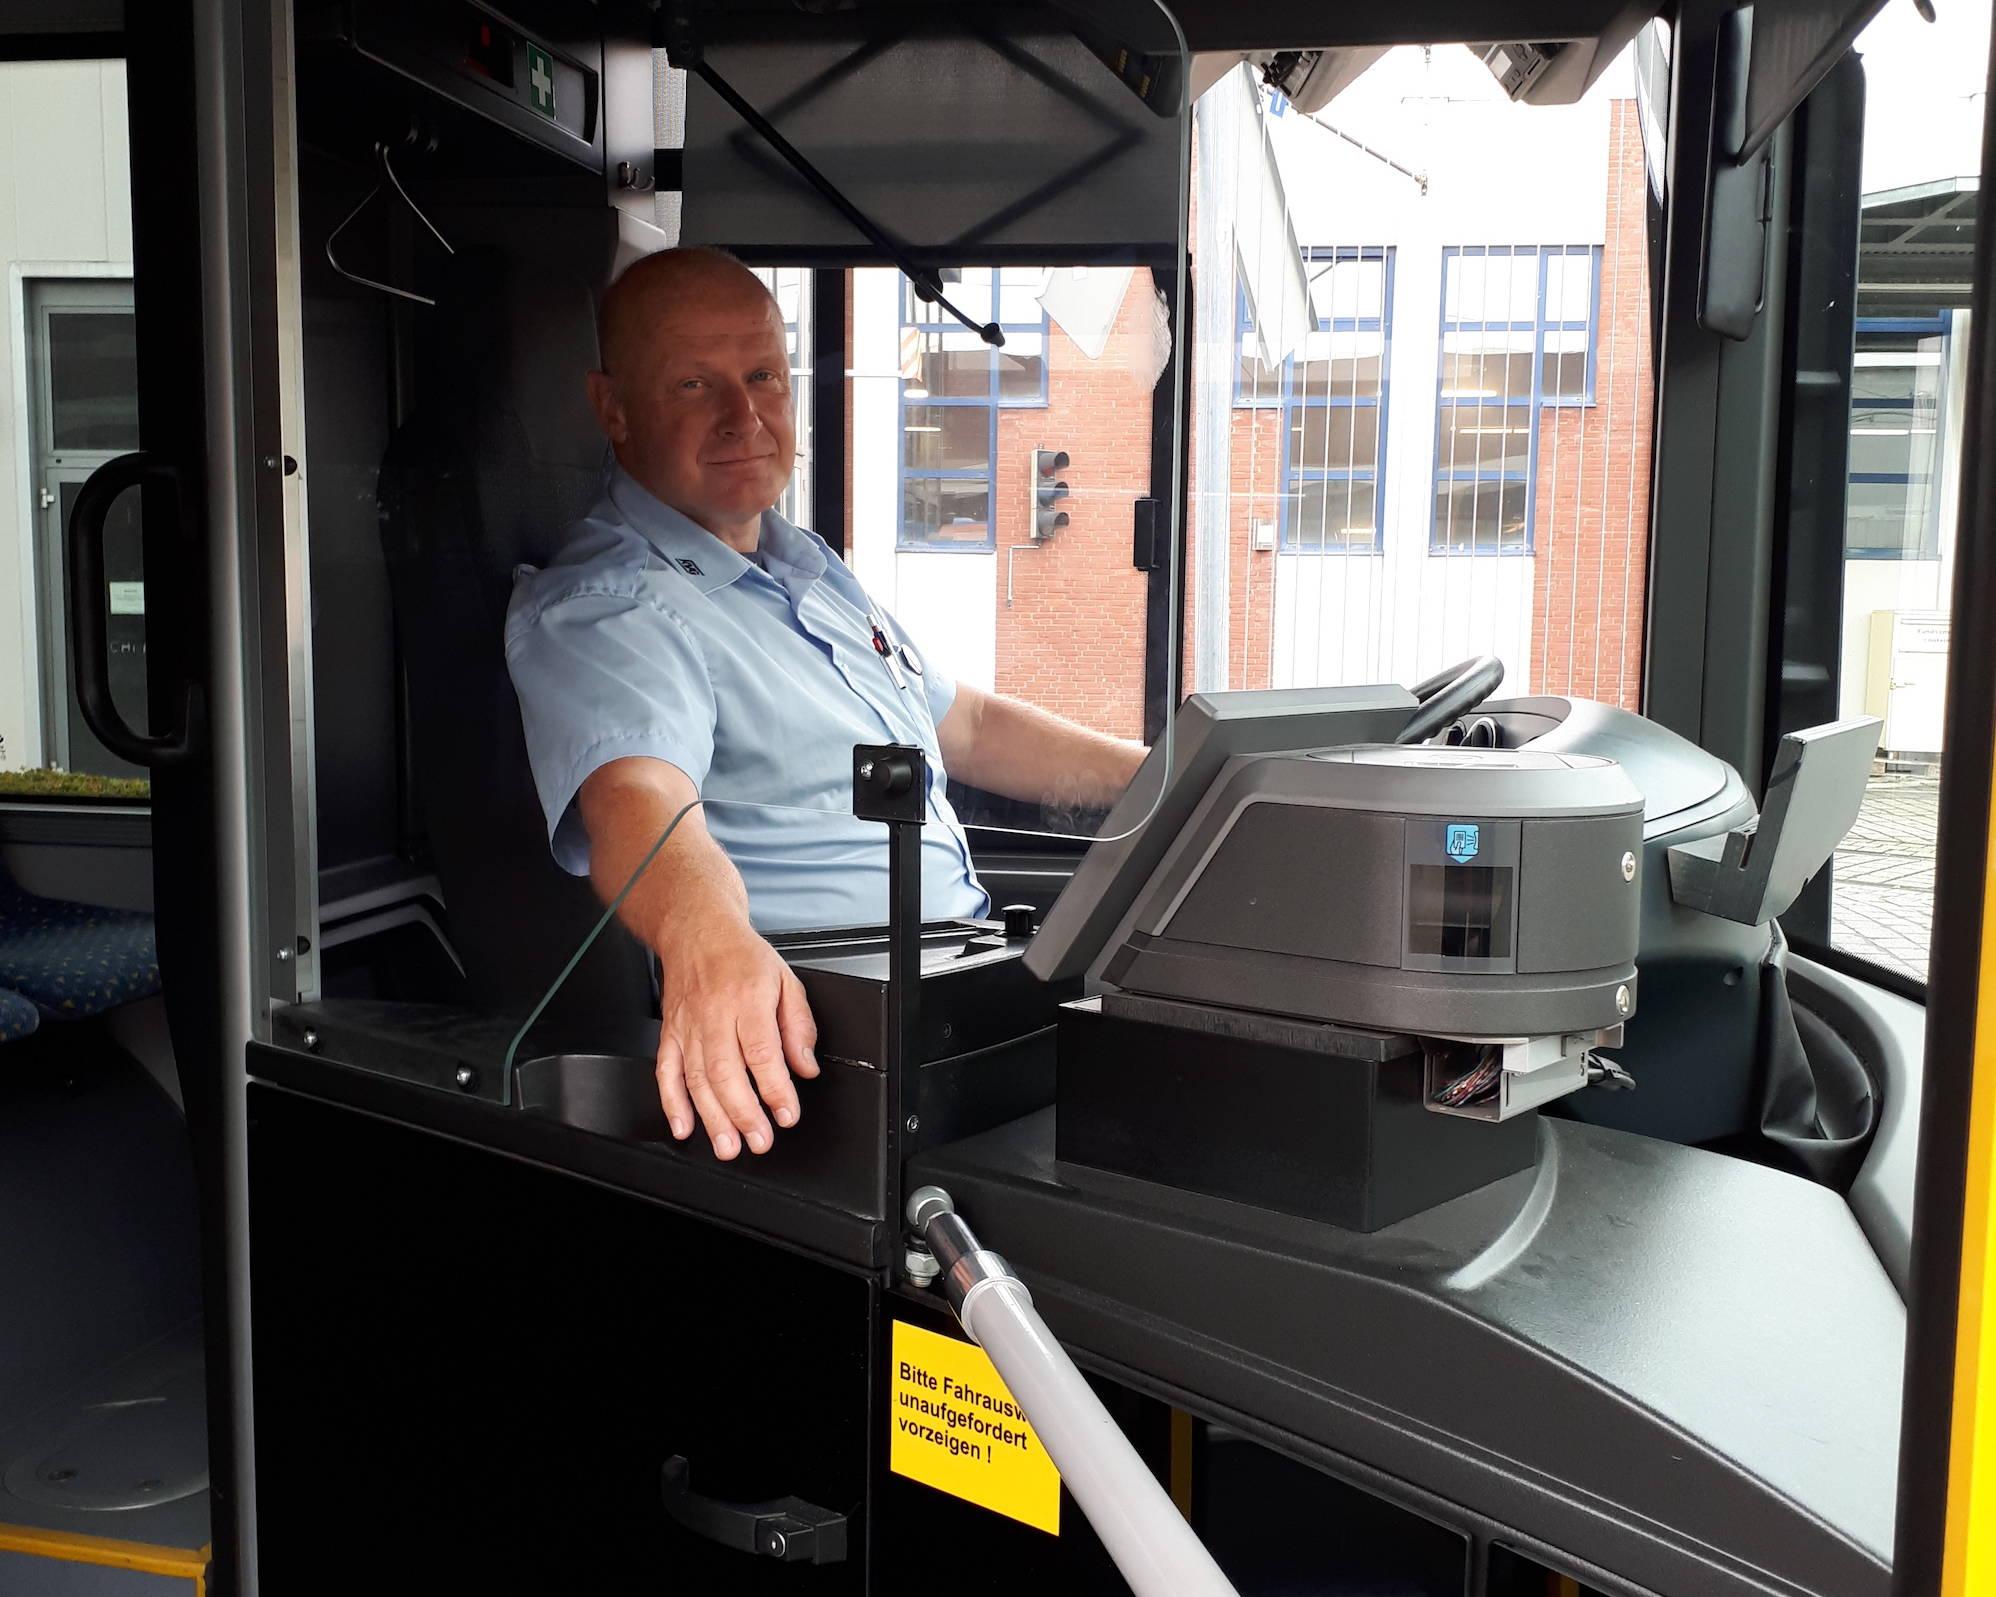 KVG-Busfahrer hinter Trennscheibe